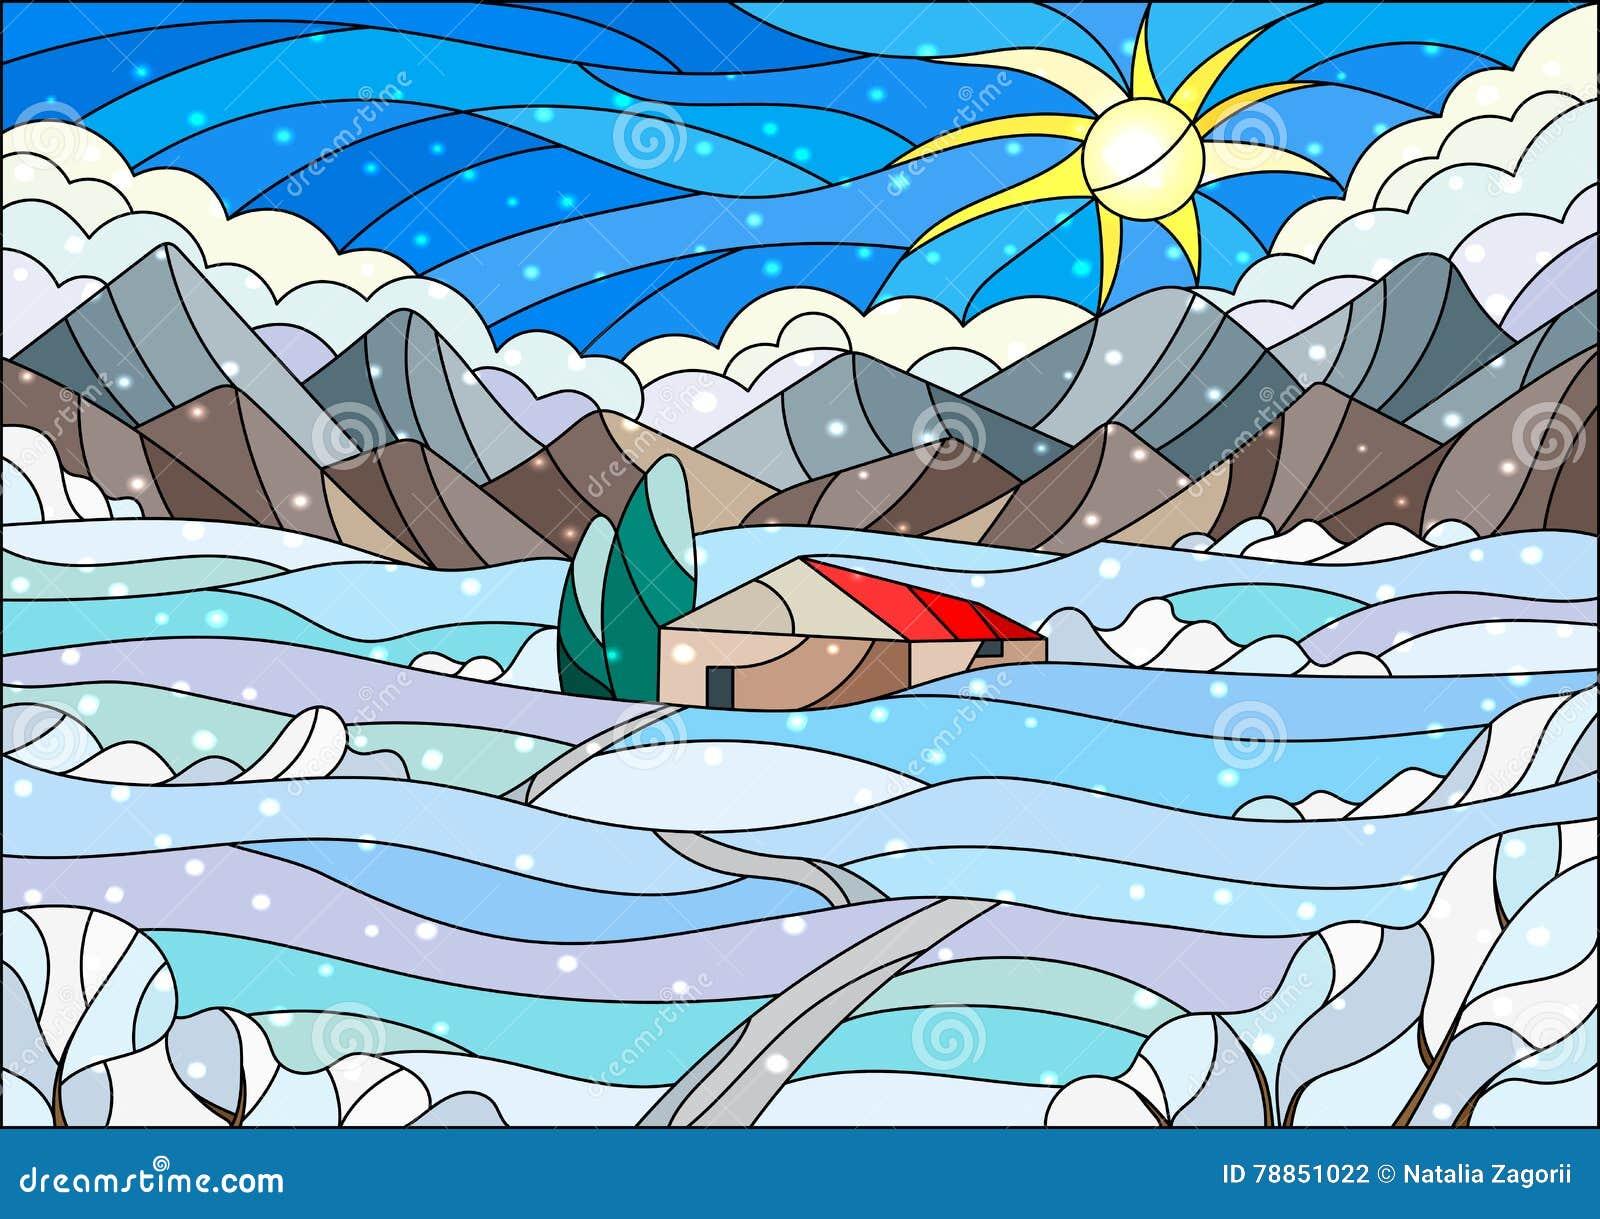 Ejemplo del vitral con paisaje abstracto del invierno, una casa sola en medio de campos, montañas, cielo y nieve que cae